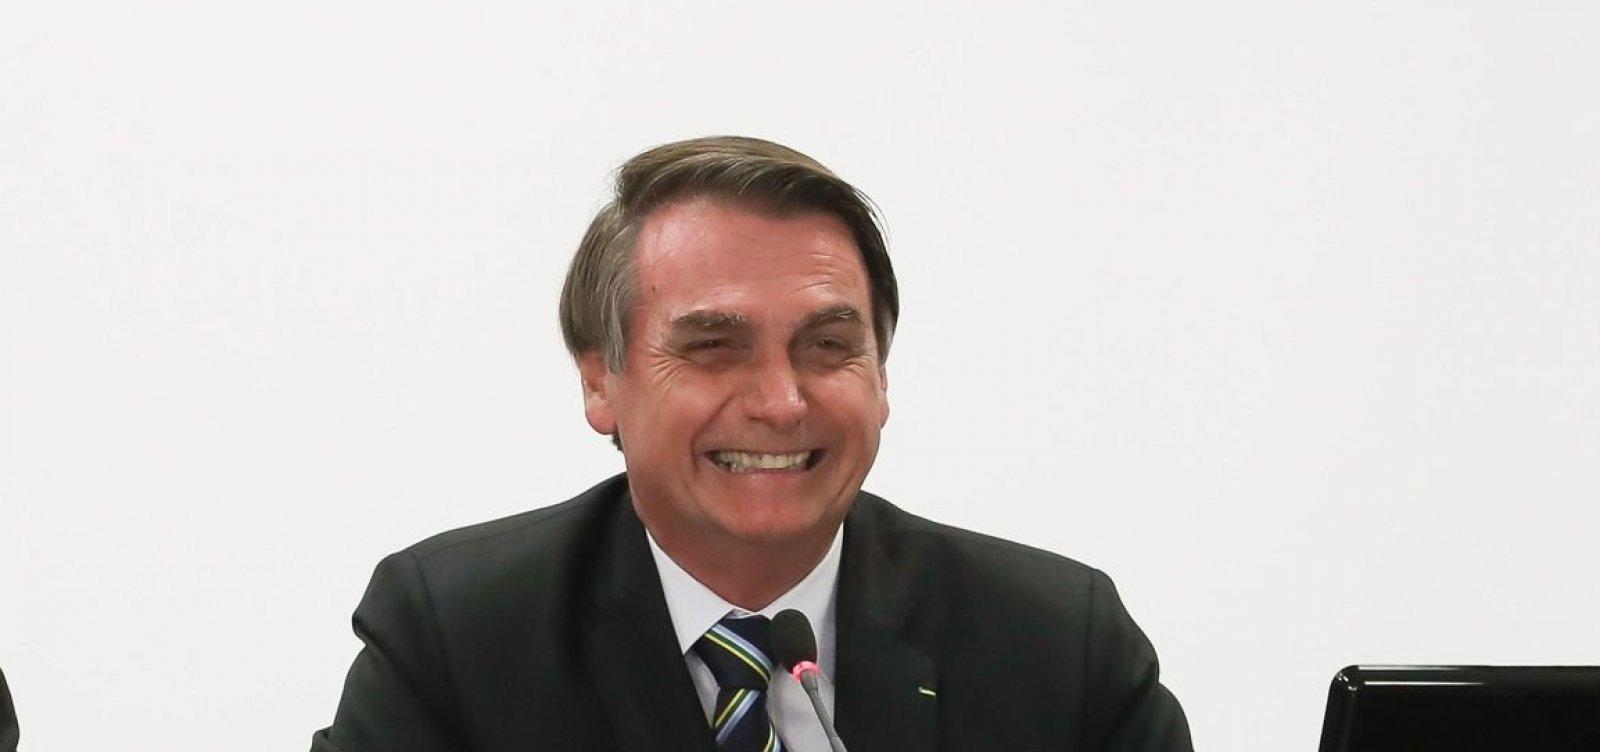 [Em 100 dias, Bolsonaro cumpre 20% das promessas de campanha, diz levantamento]